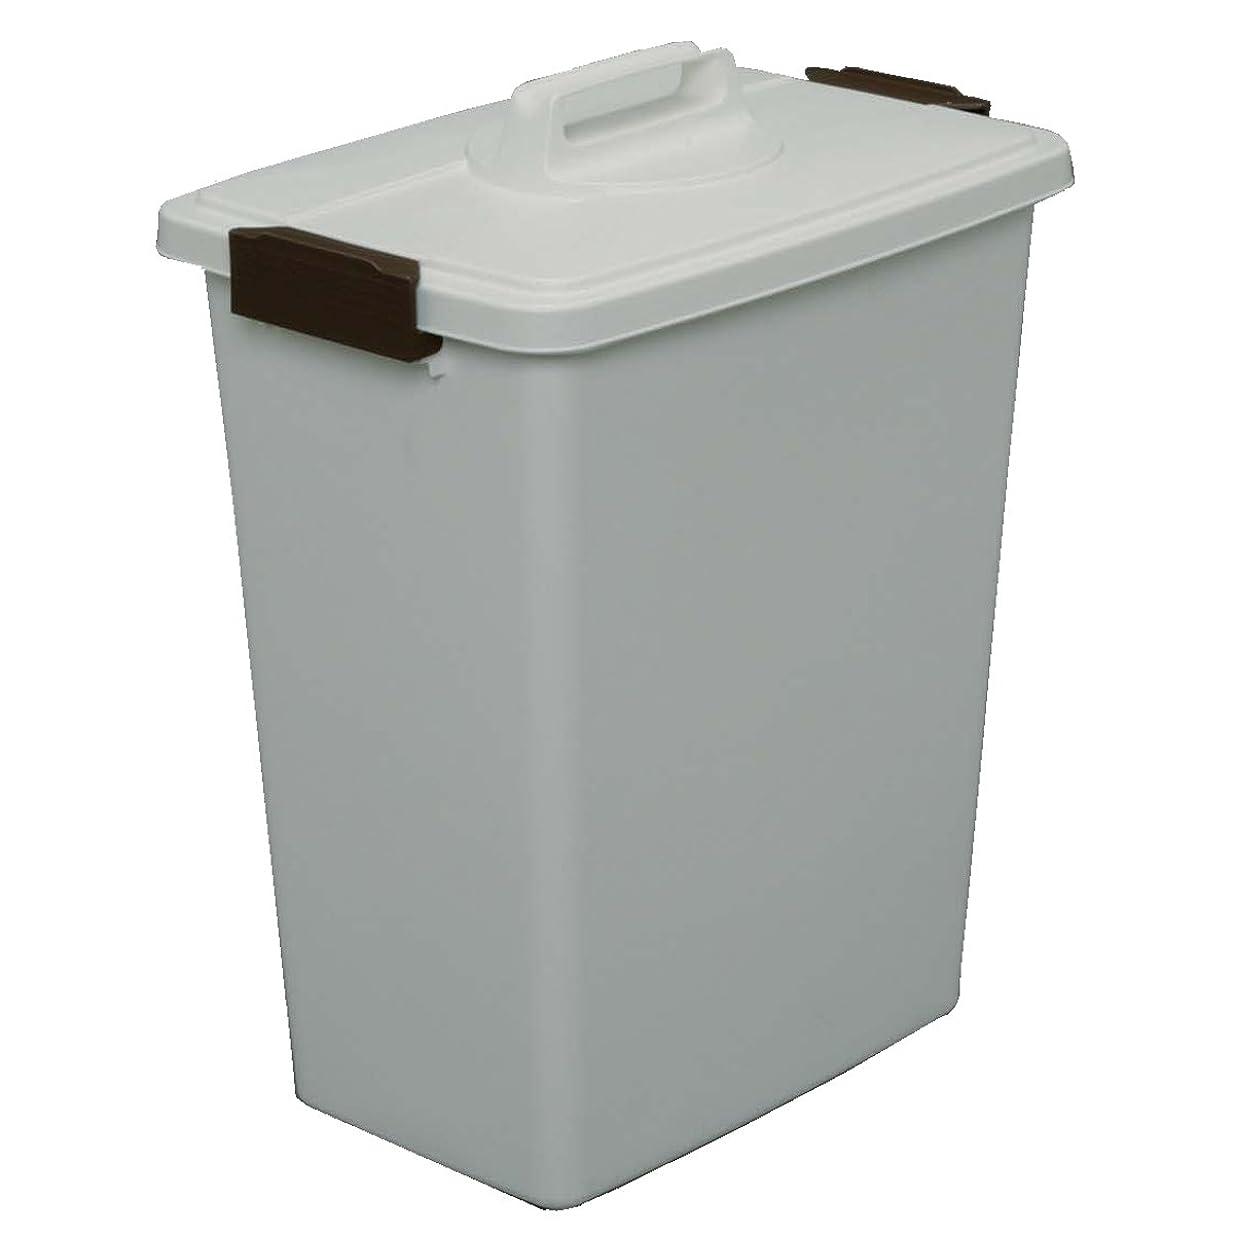 コンプライアンス精査代表してアイリスオーヤマ ゴミ箱 角型 ホワイト 45L 幅45.2×奥行31.1×高さ57.8cm MK-45